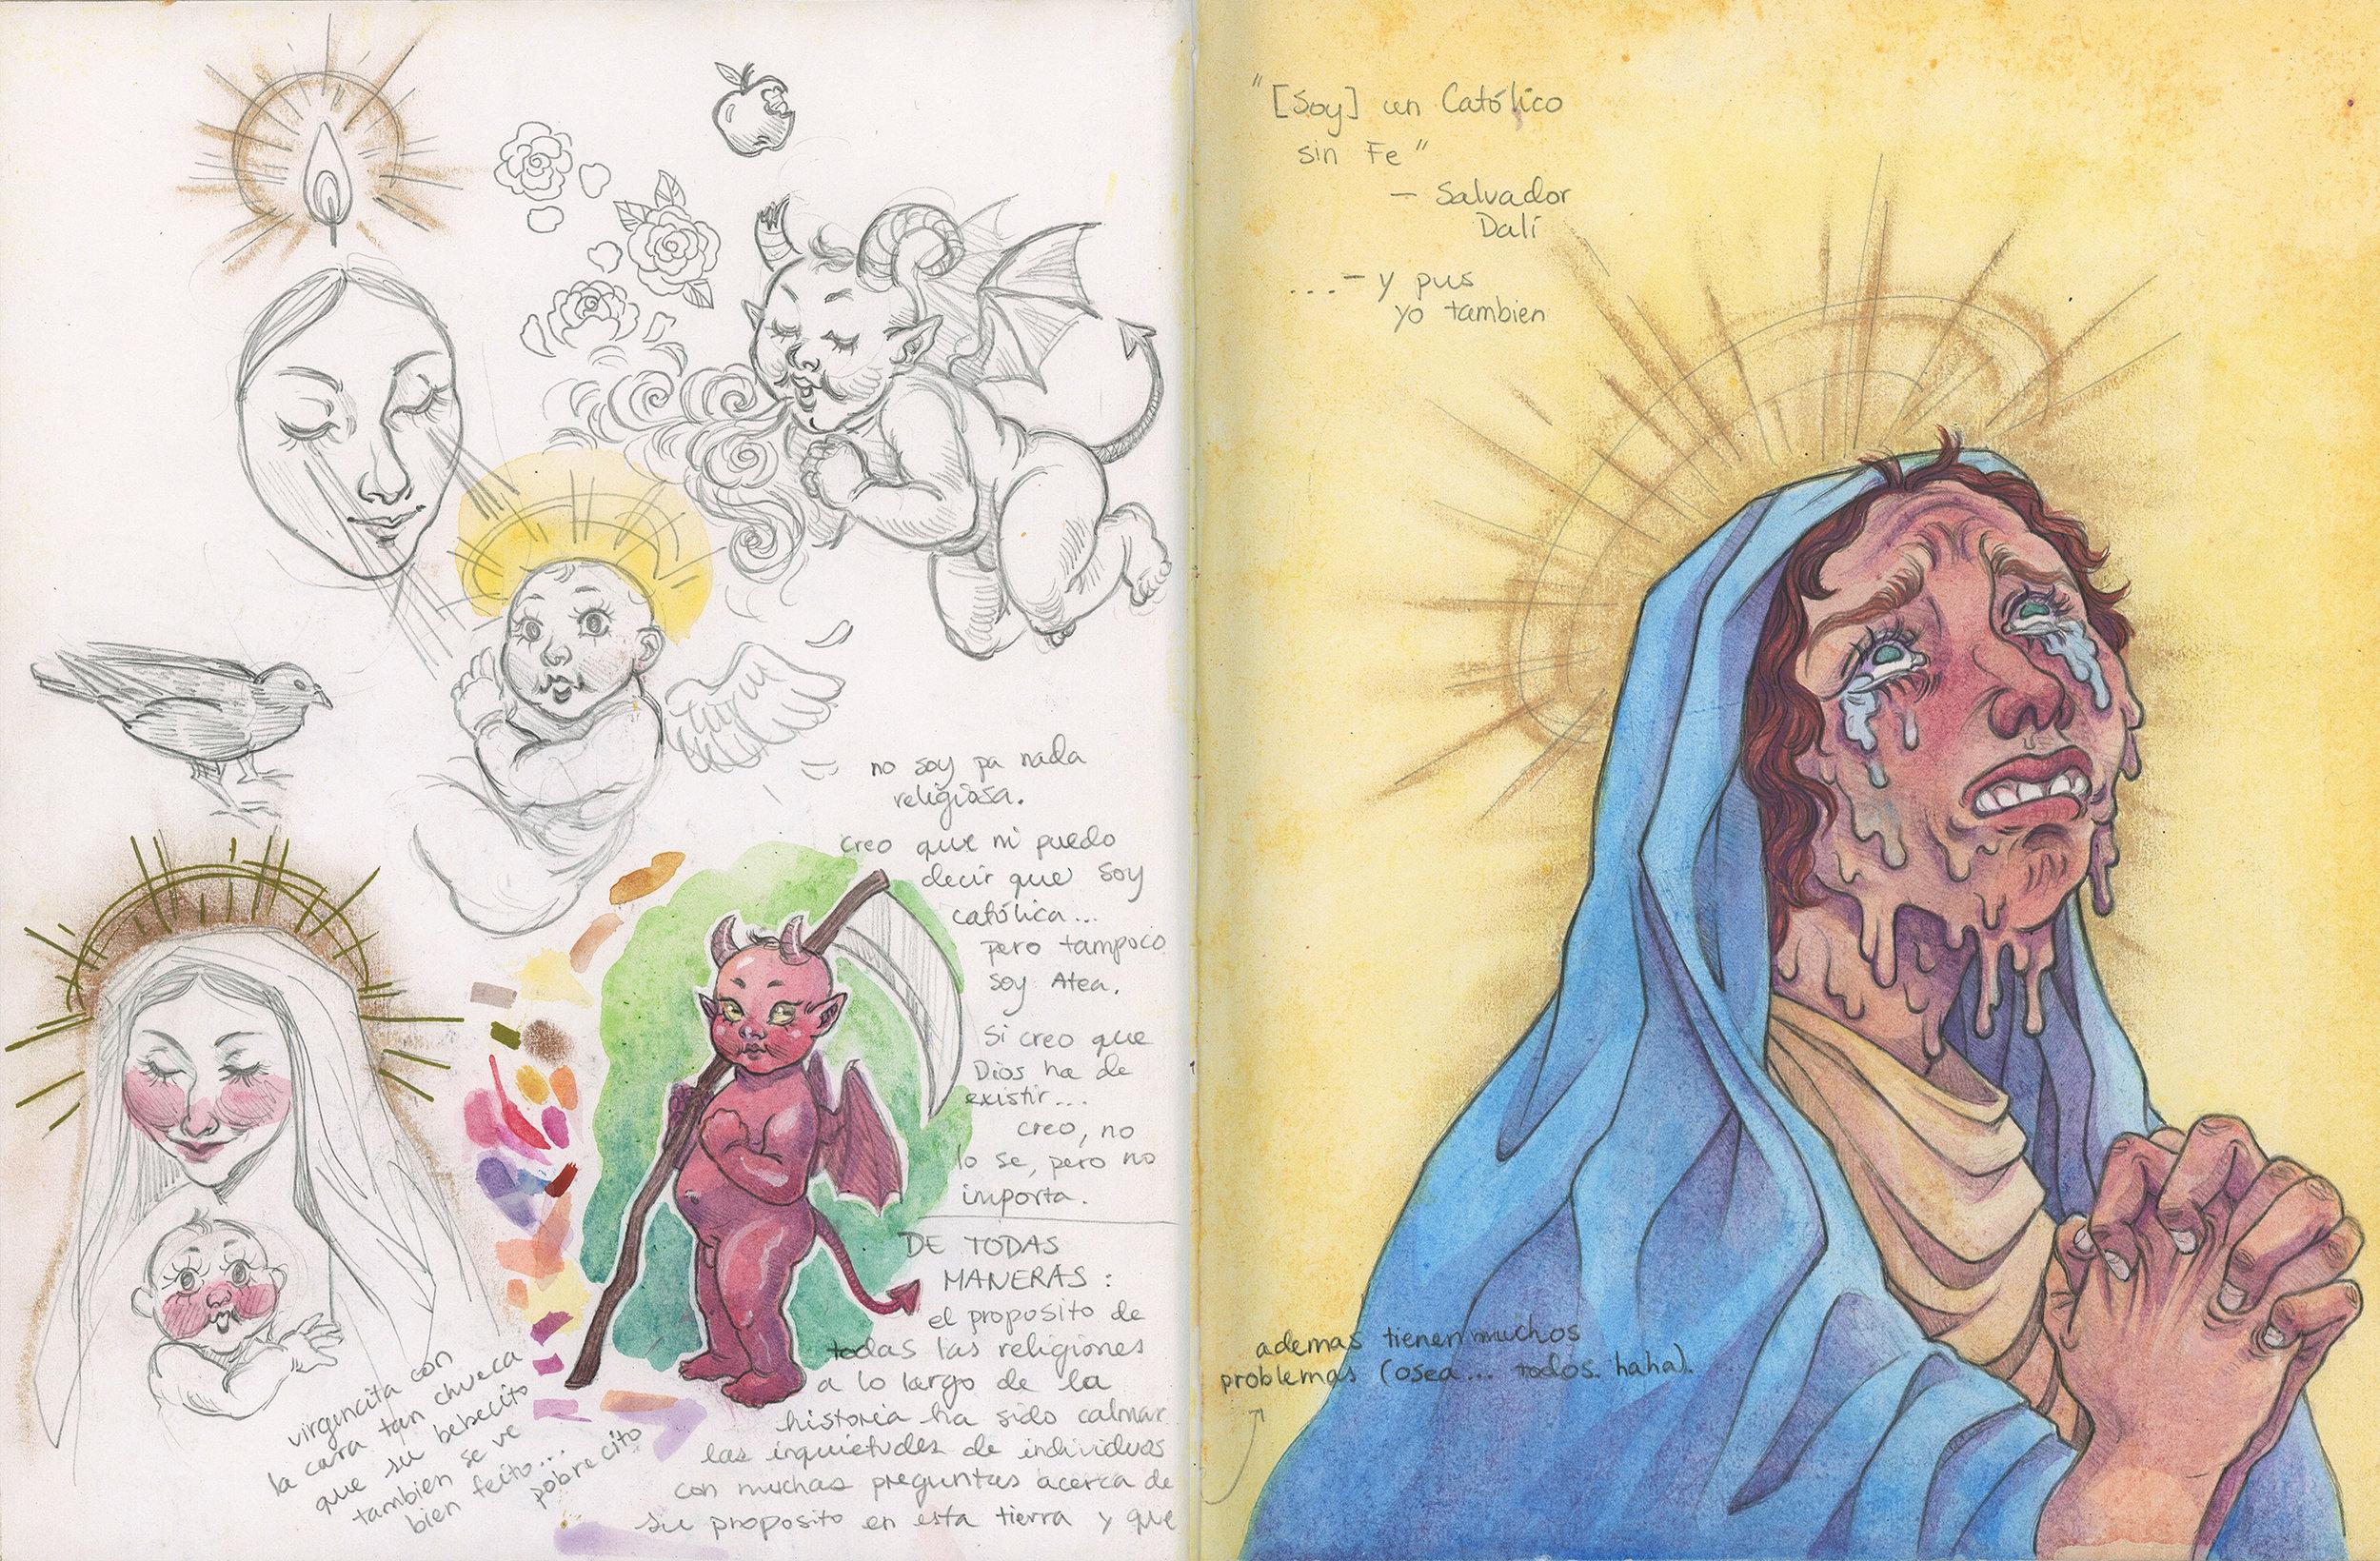 Católico Sin Fe (Sketchbook Page)  Pencil and watercolor